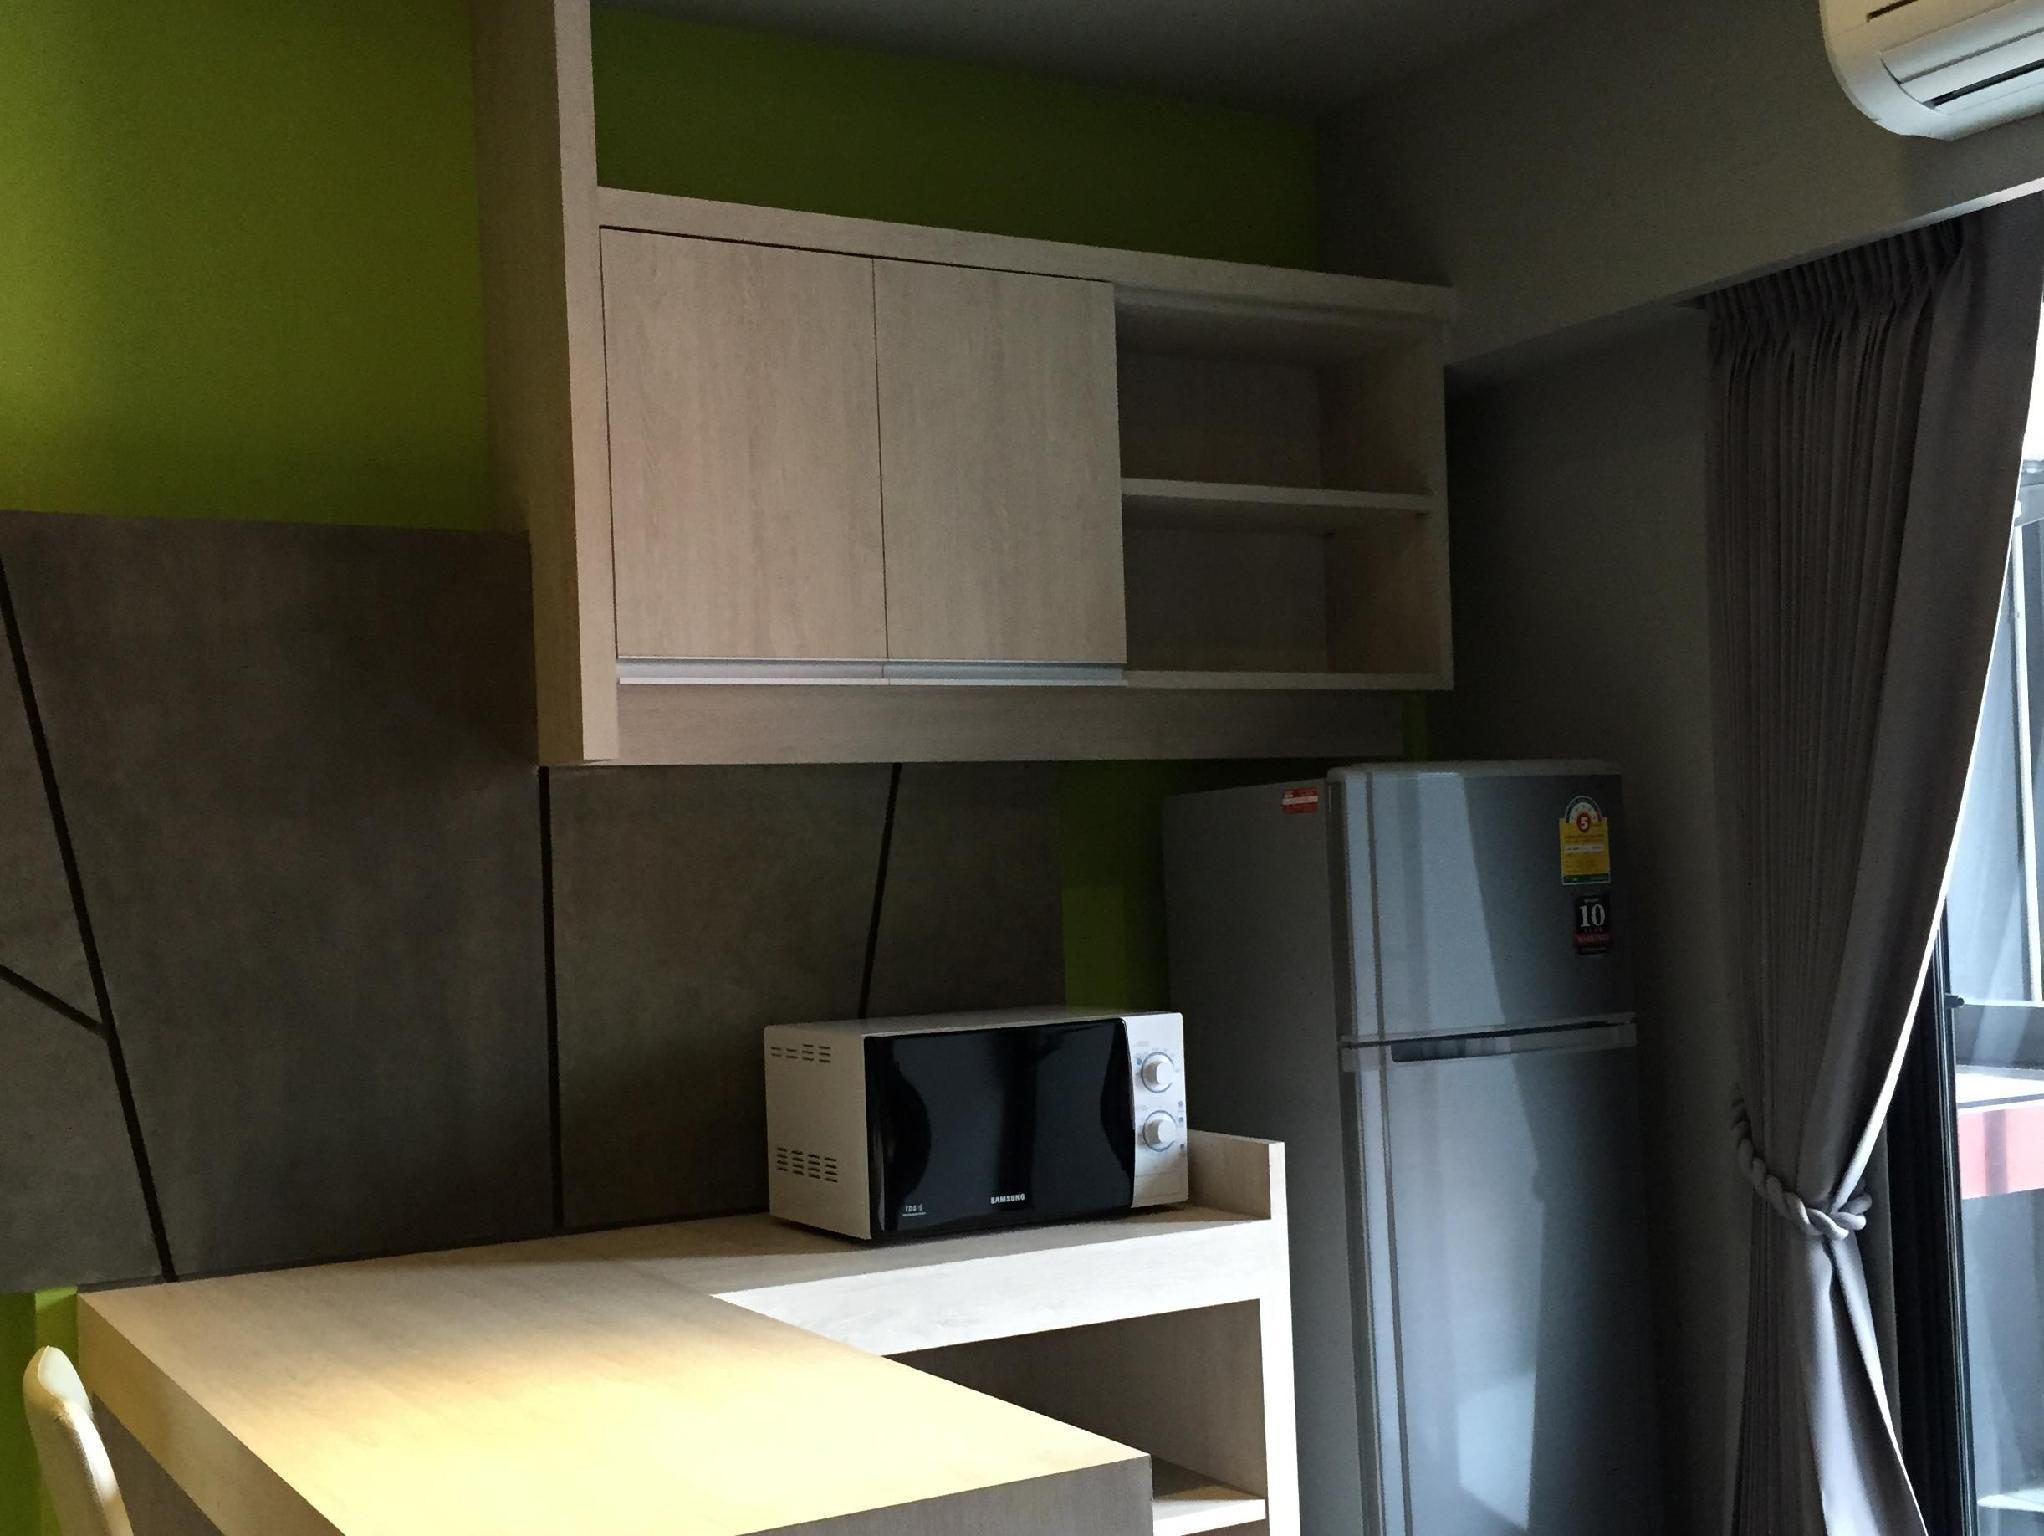 三季现代精品公寓,3 ซีซั่น โมเดิร์น บูทิก อพาร์ตเมนต์